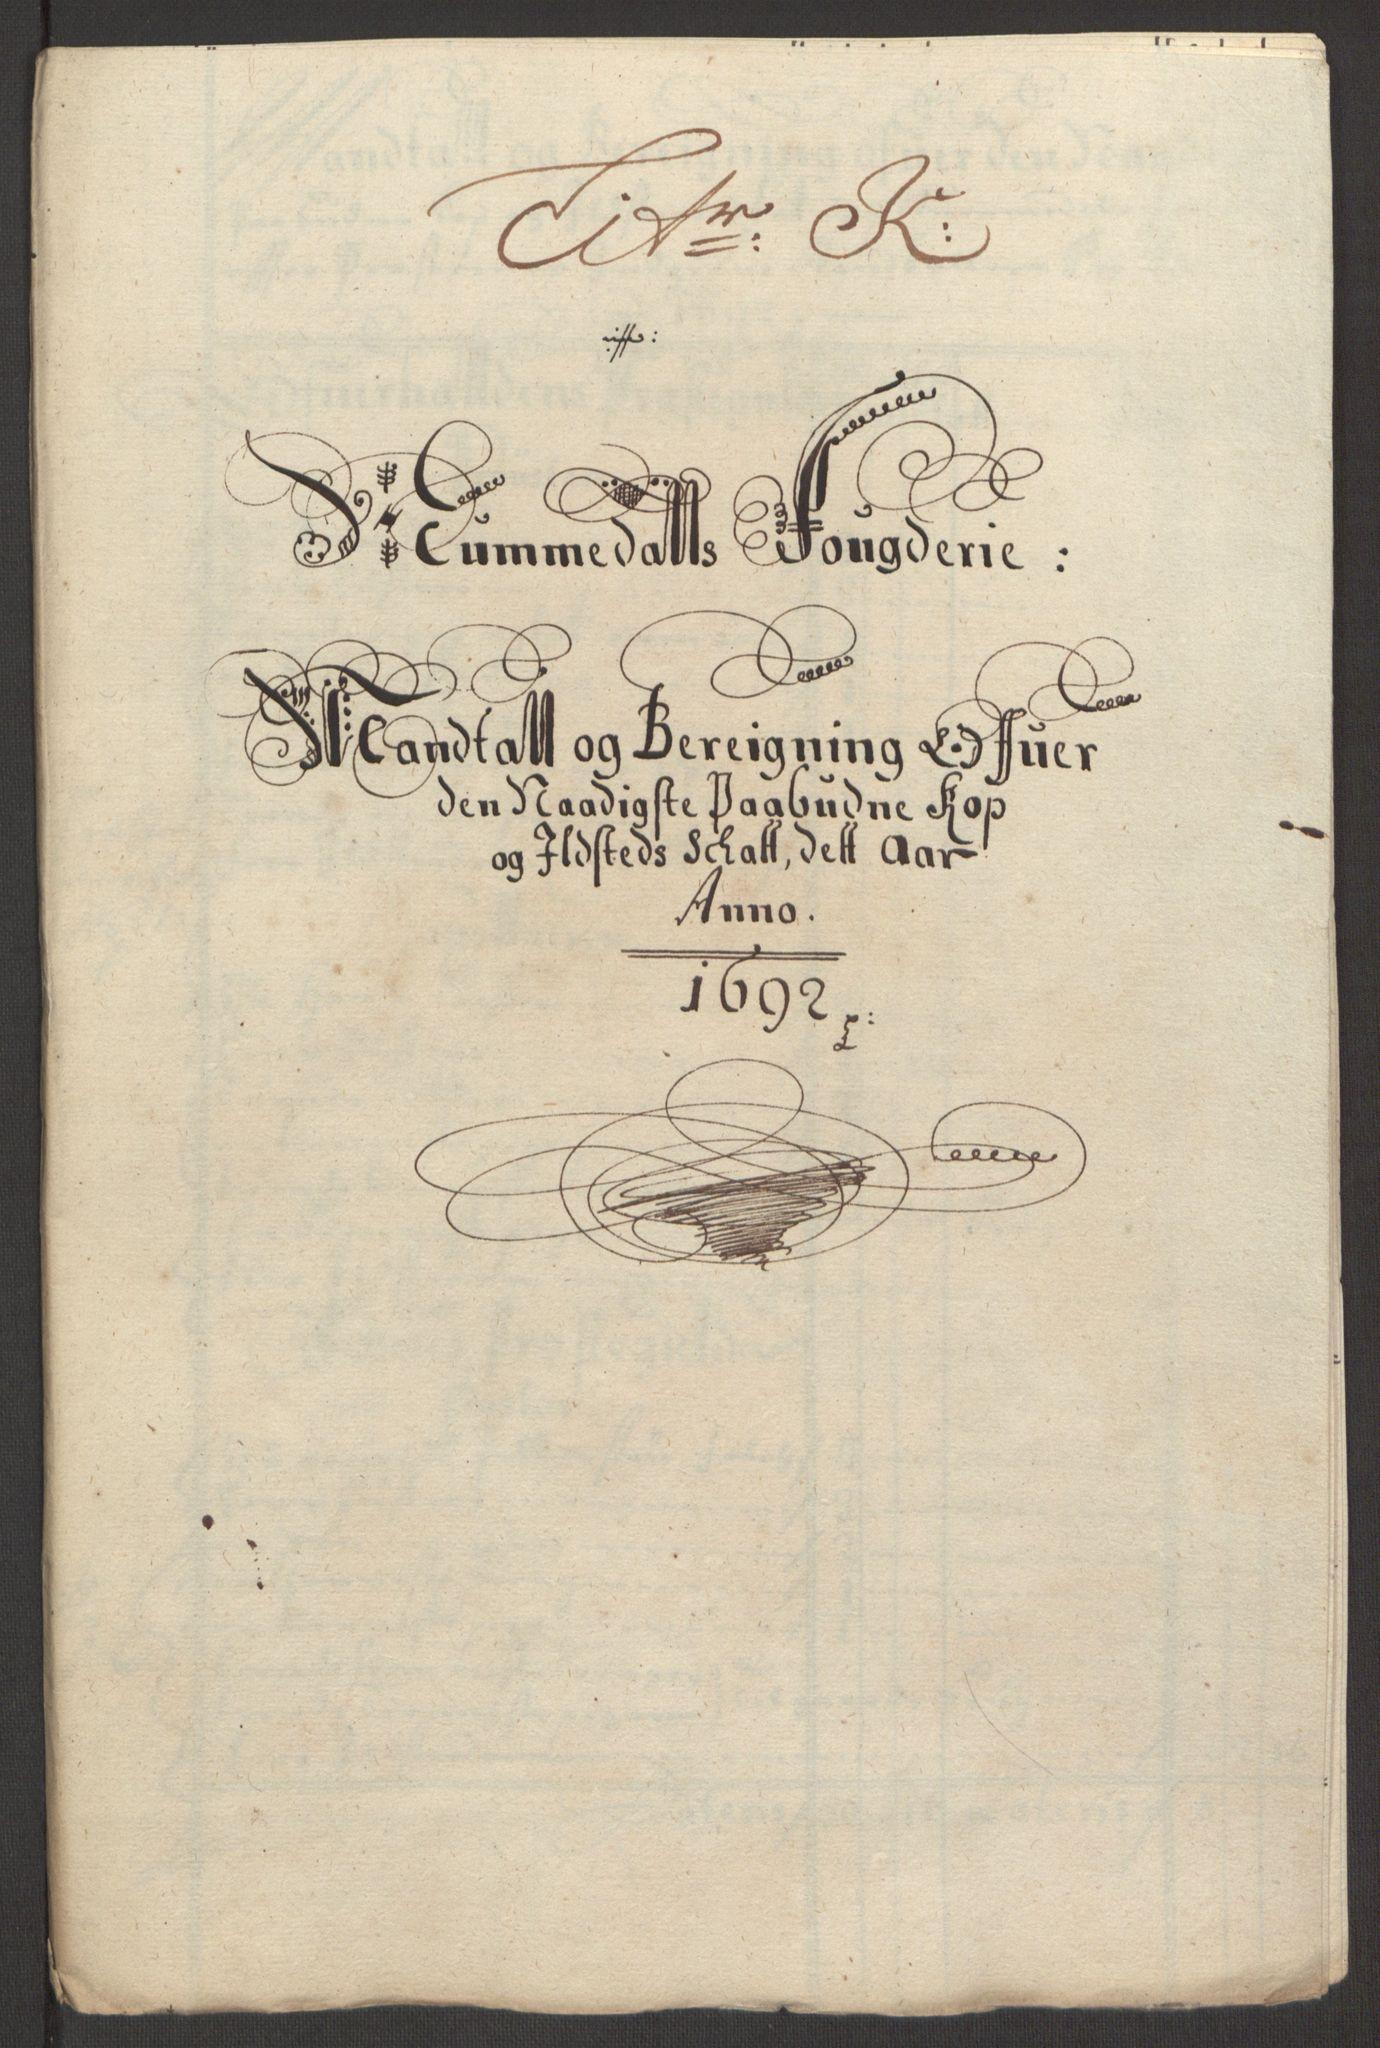 RA, Rentekammeret inntil 1814, Reviderte regnskaper, Fogderegnskap, R64/L4424: Fogderegnskap Namdal, 1692-1695, s. 63